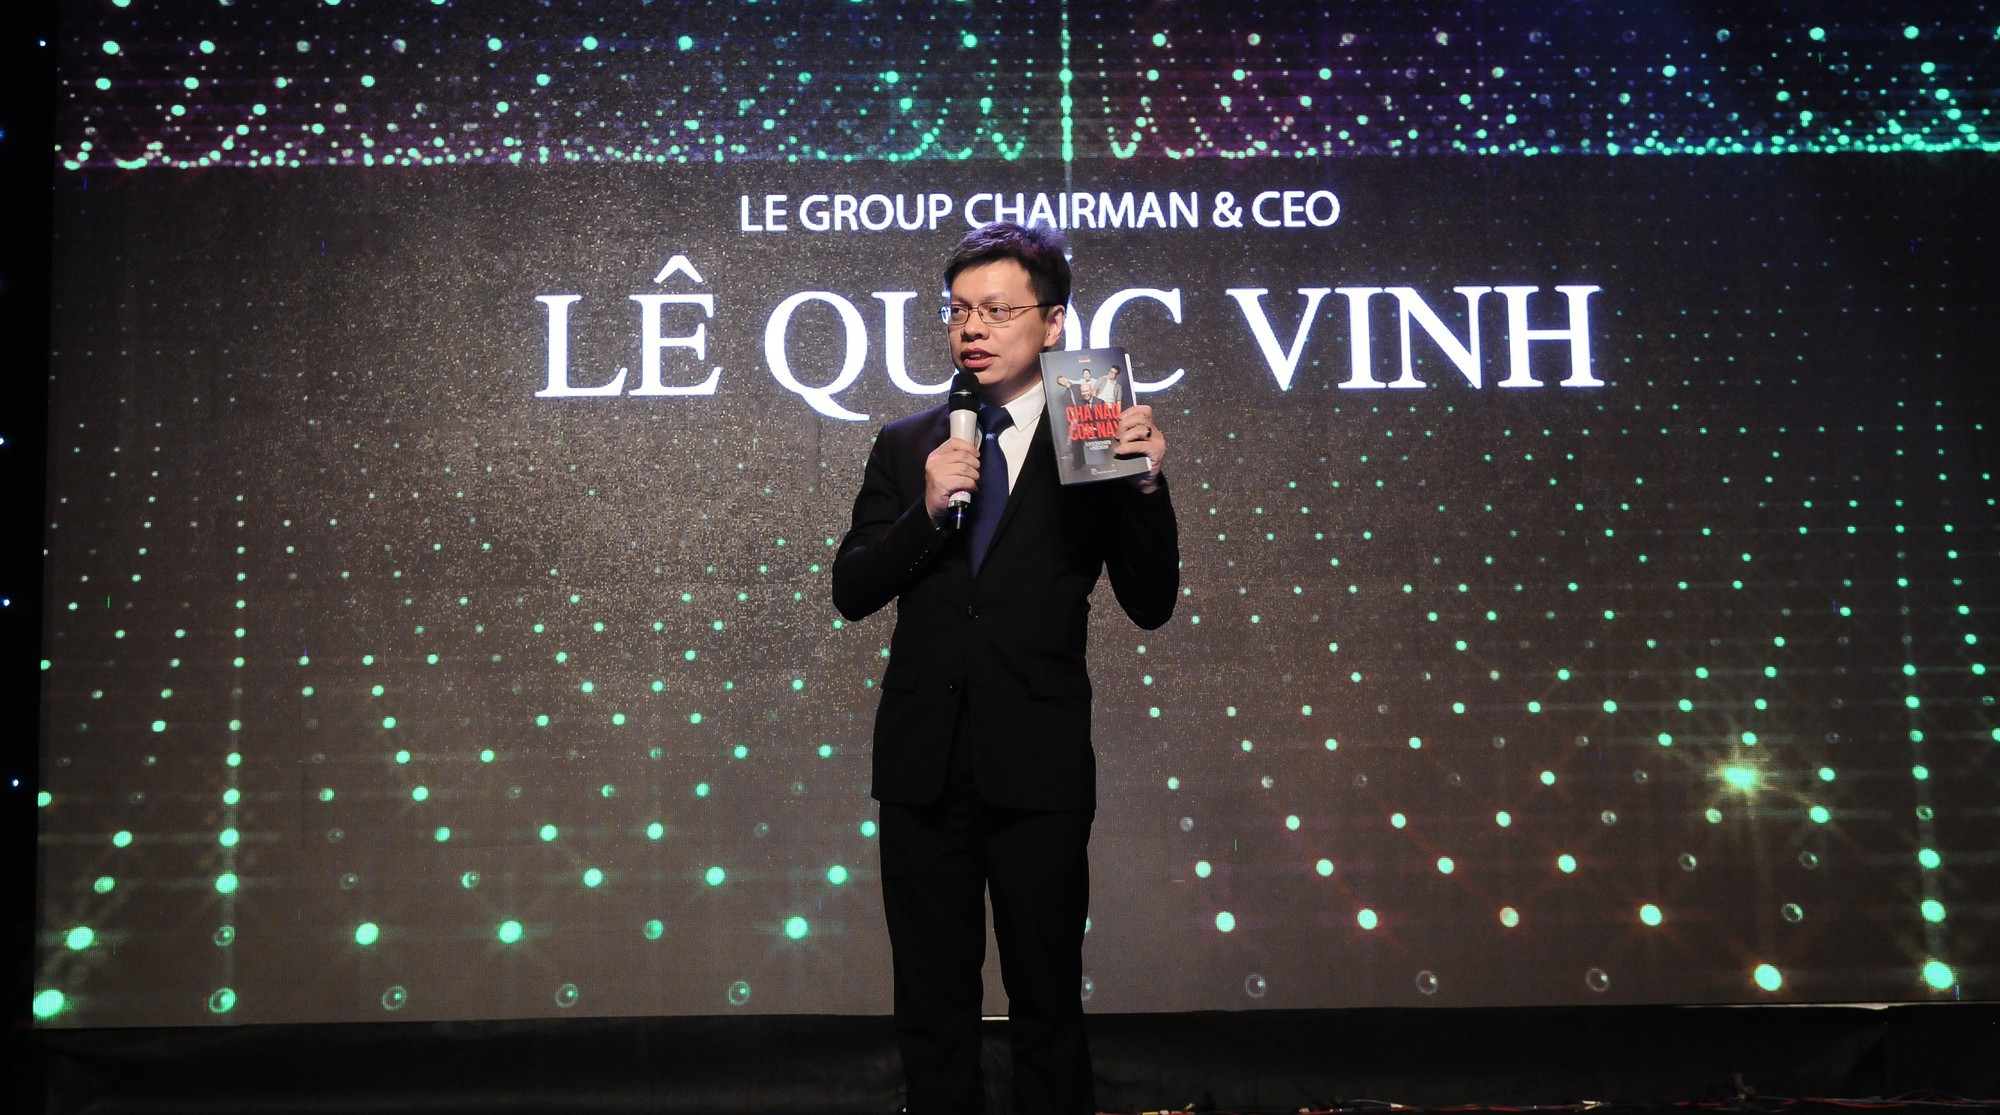 Chủ tịch Le Group - Lê Quốc Vinh: Nếu có lĩnh vực nào người Việt cạnh tranh sòng phẳng được với Tây thì đó là truyền thông